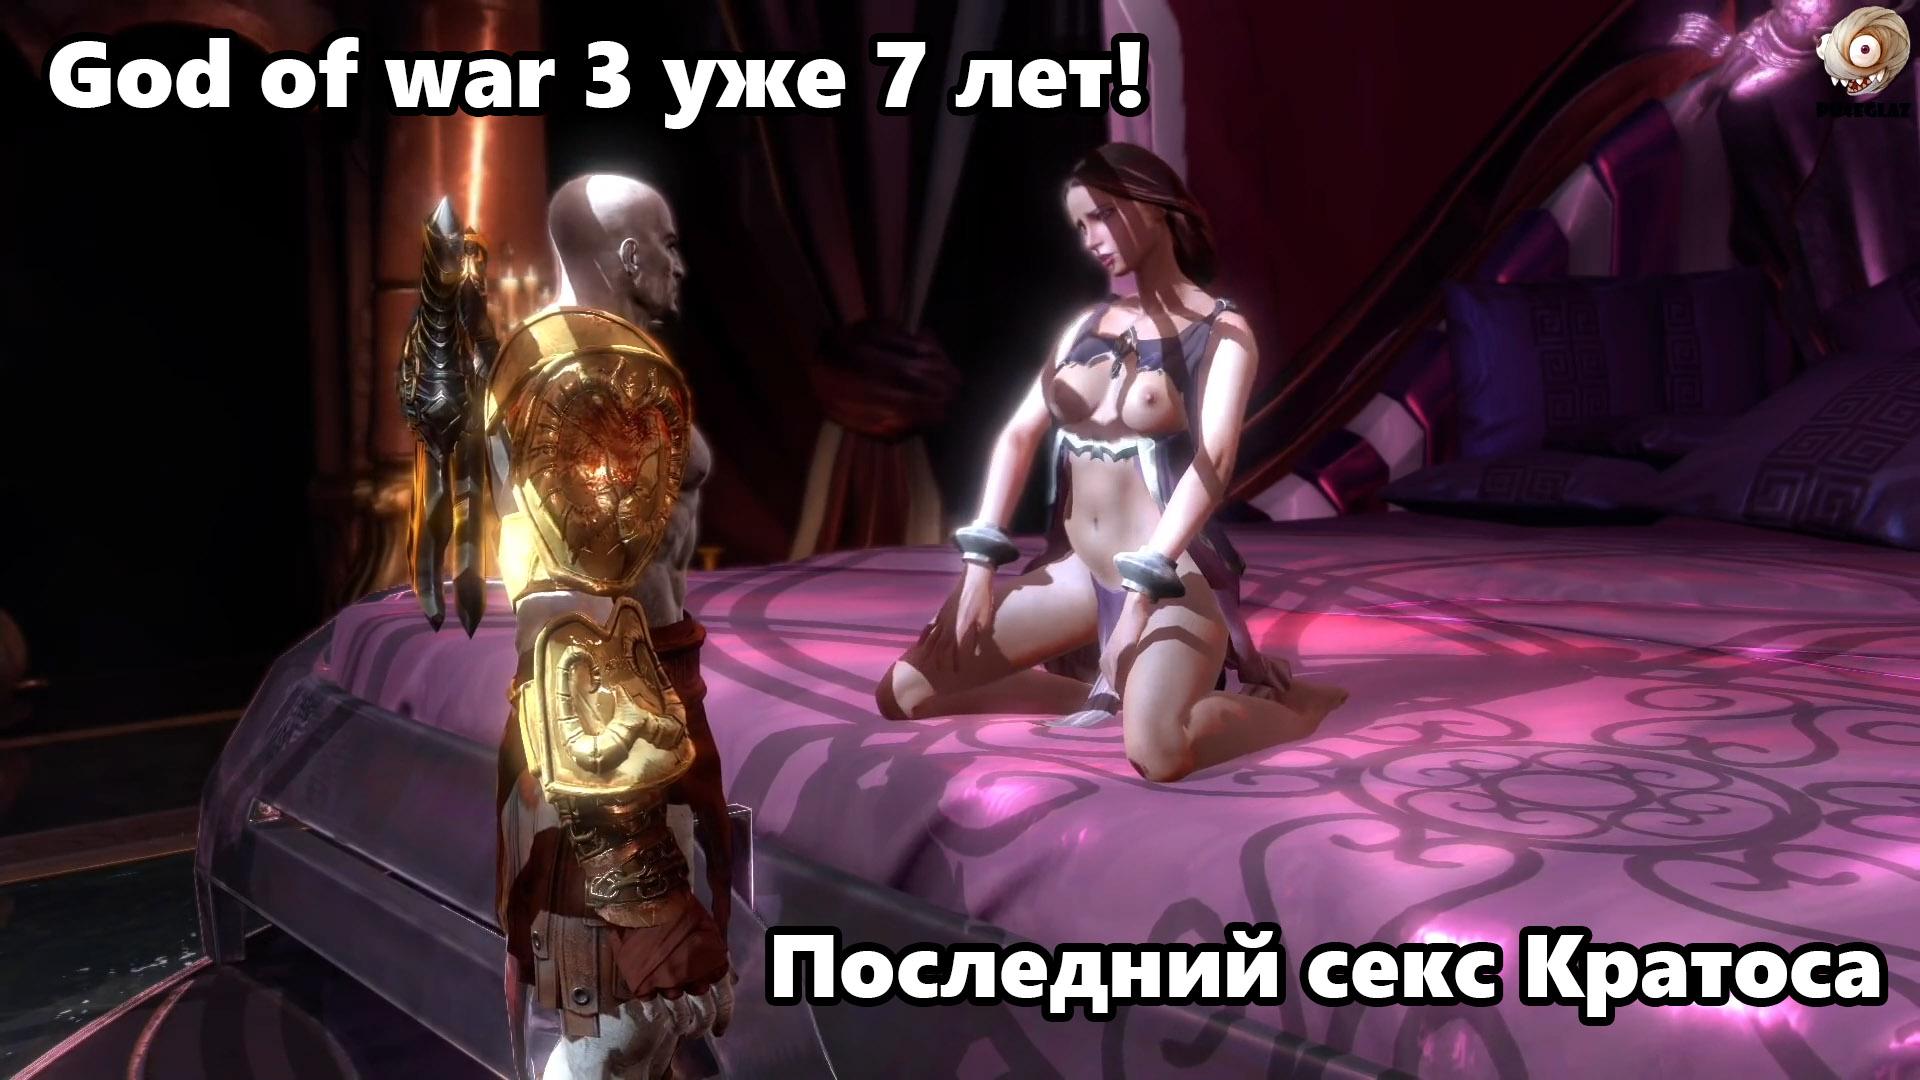 Порно с афродитой god of war 3